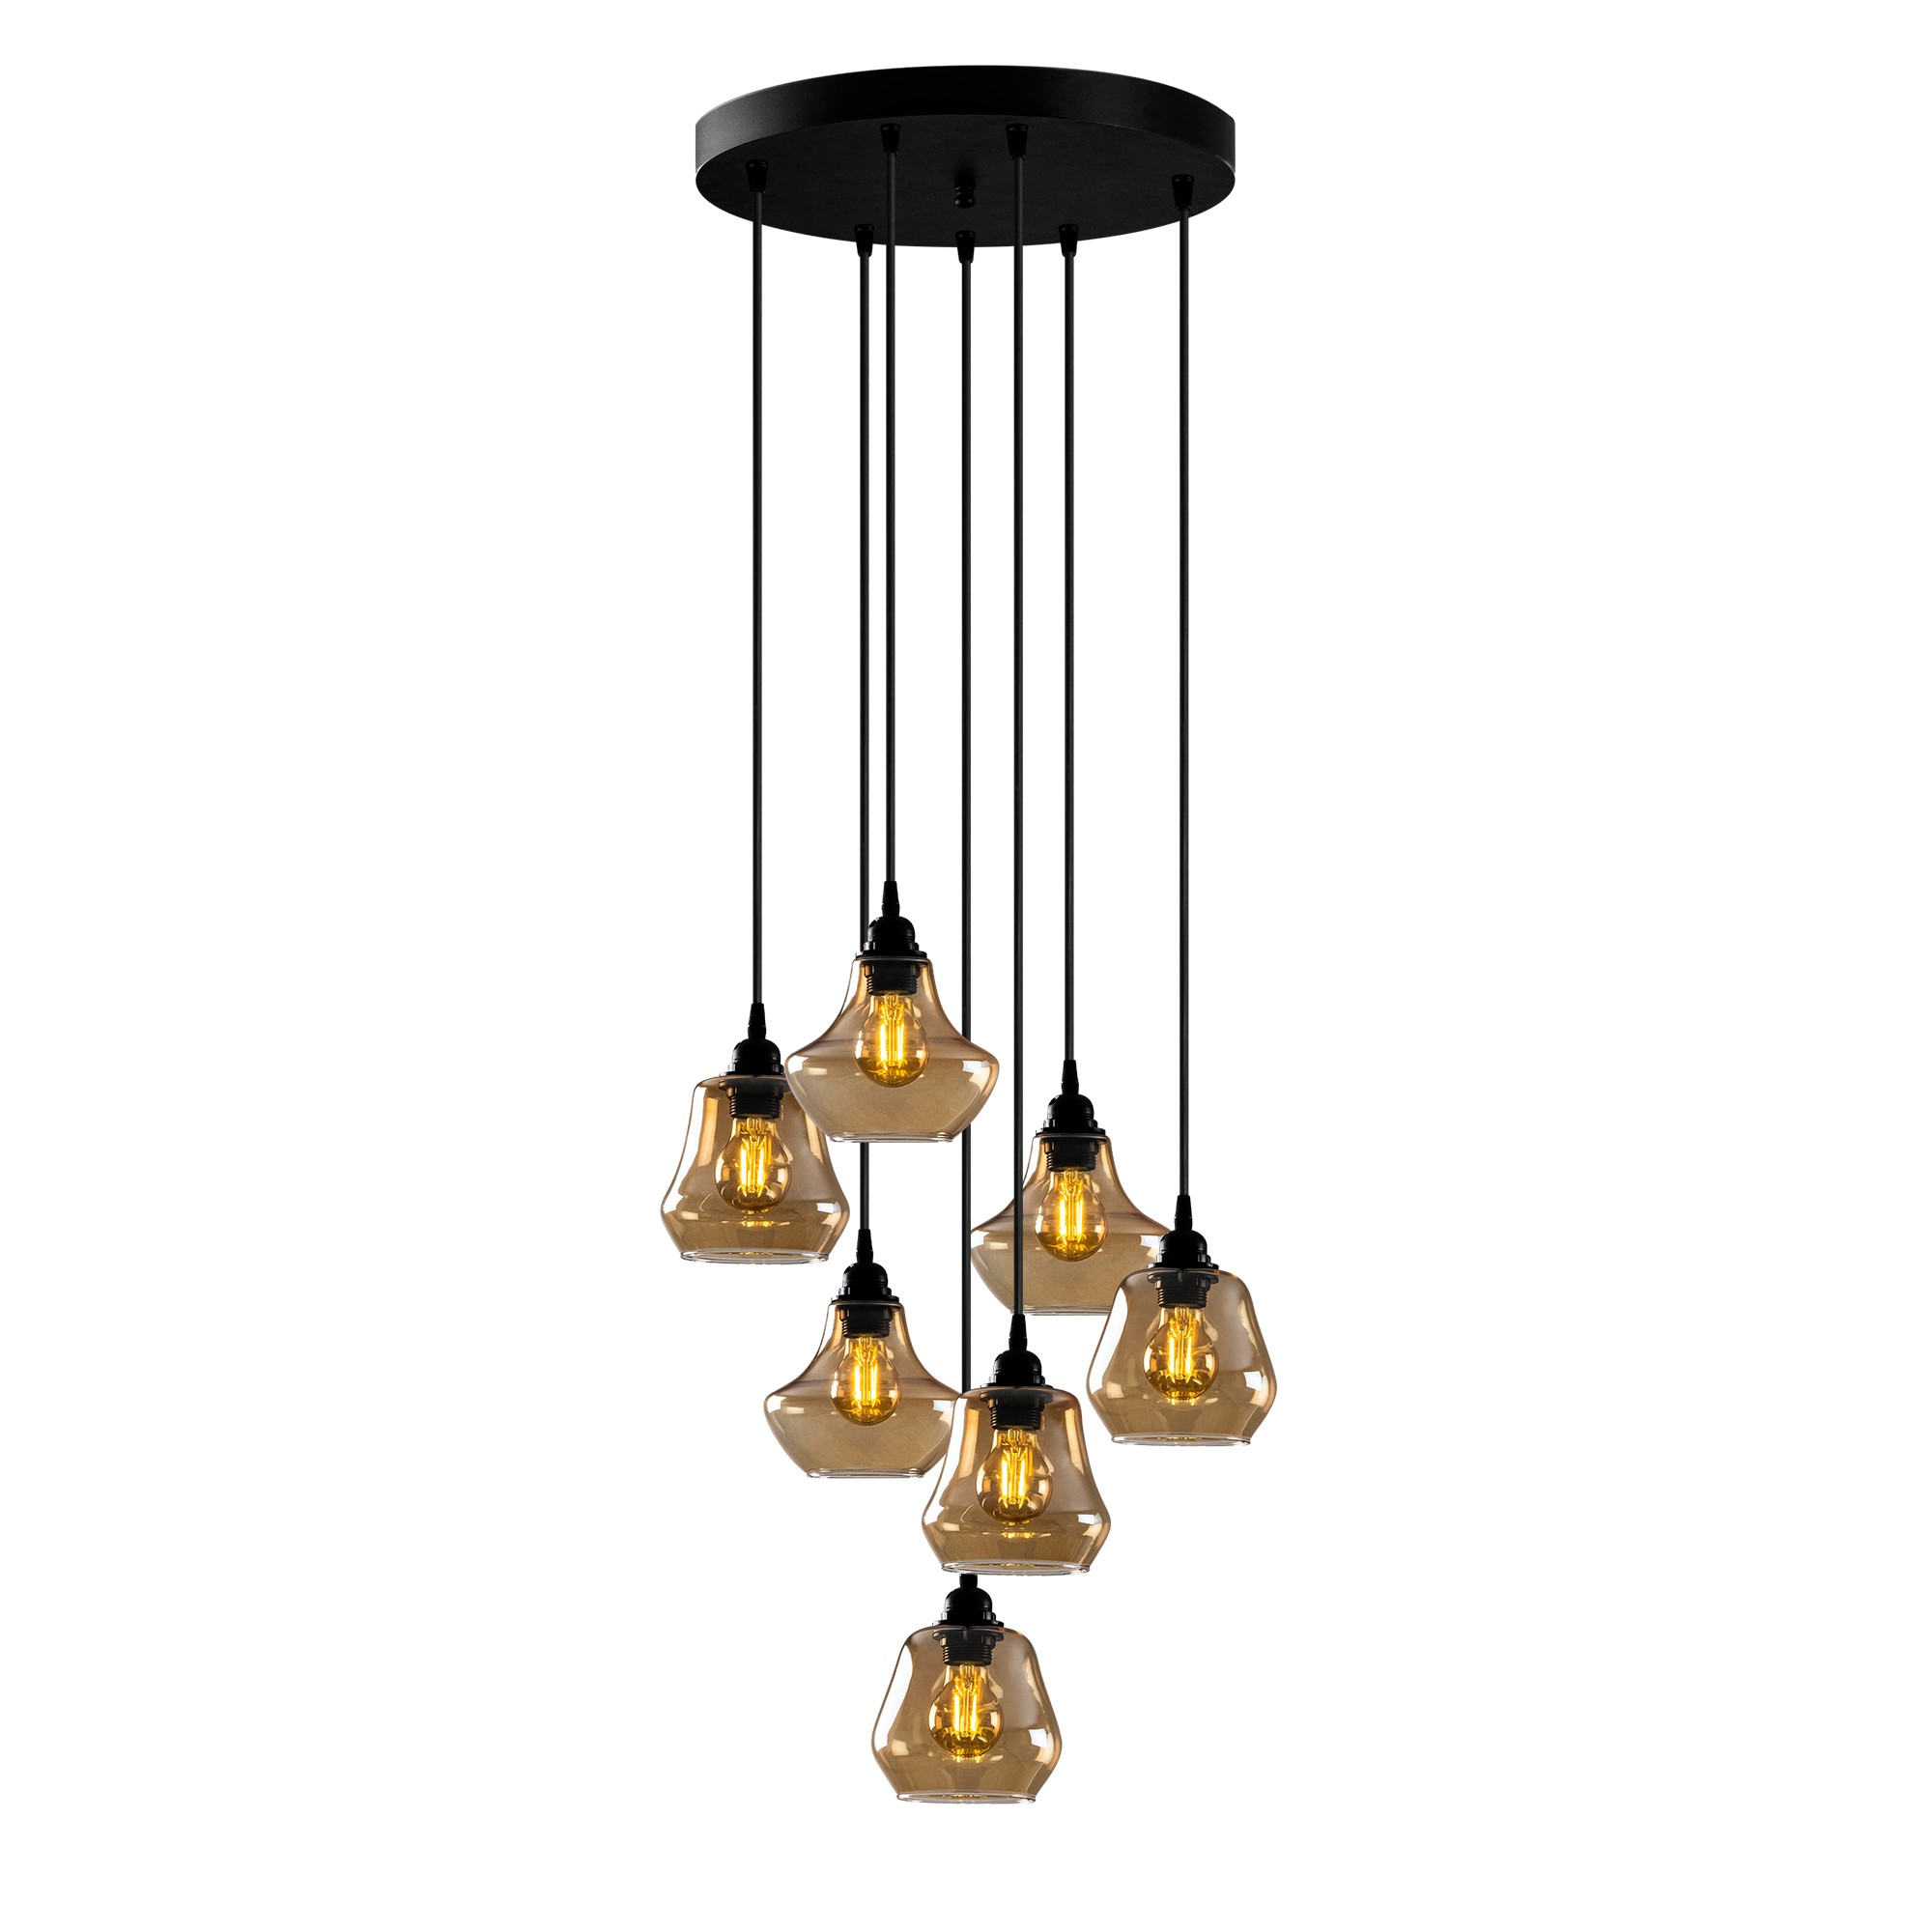 Hanglamp golden glass - goud glas 7 x E27 fitting - vooraanzicht lampen aan